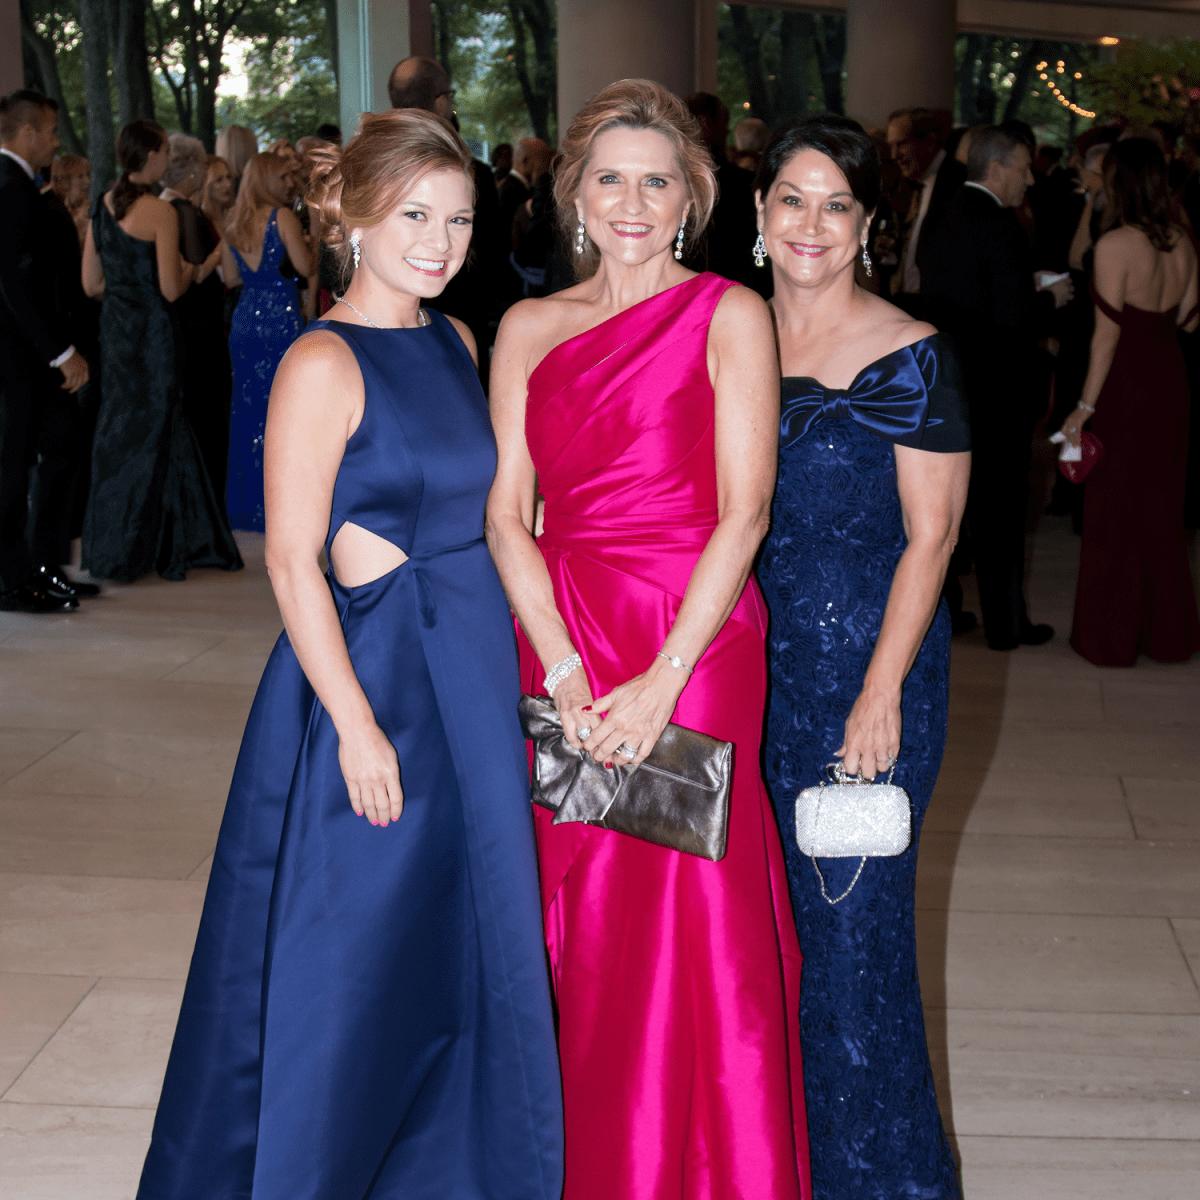 Allison Brodnax, Melissa Lewis, Mari Epperson